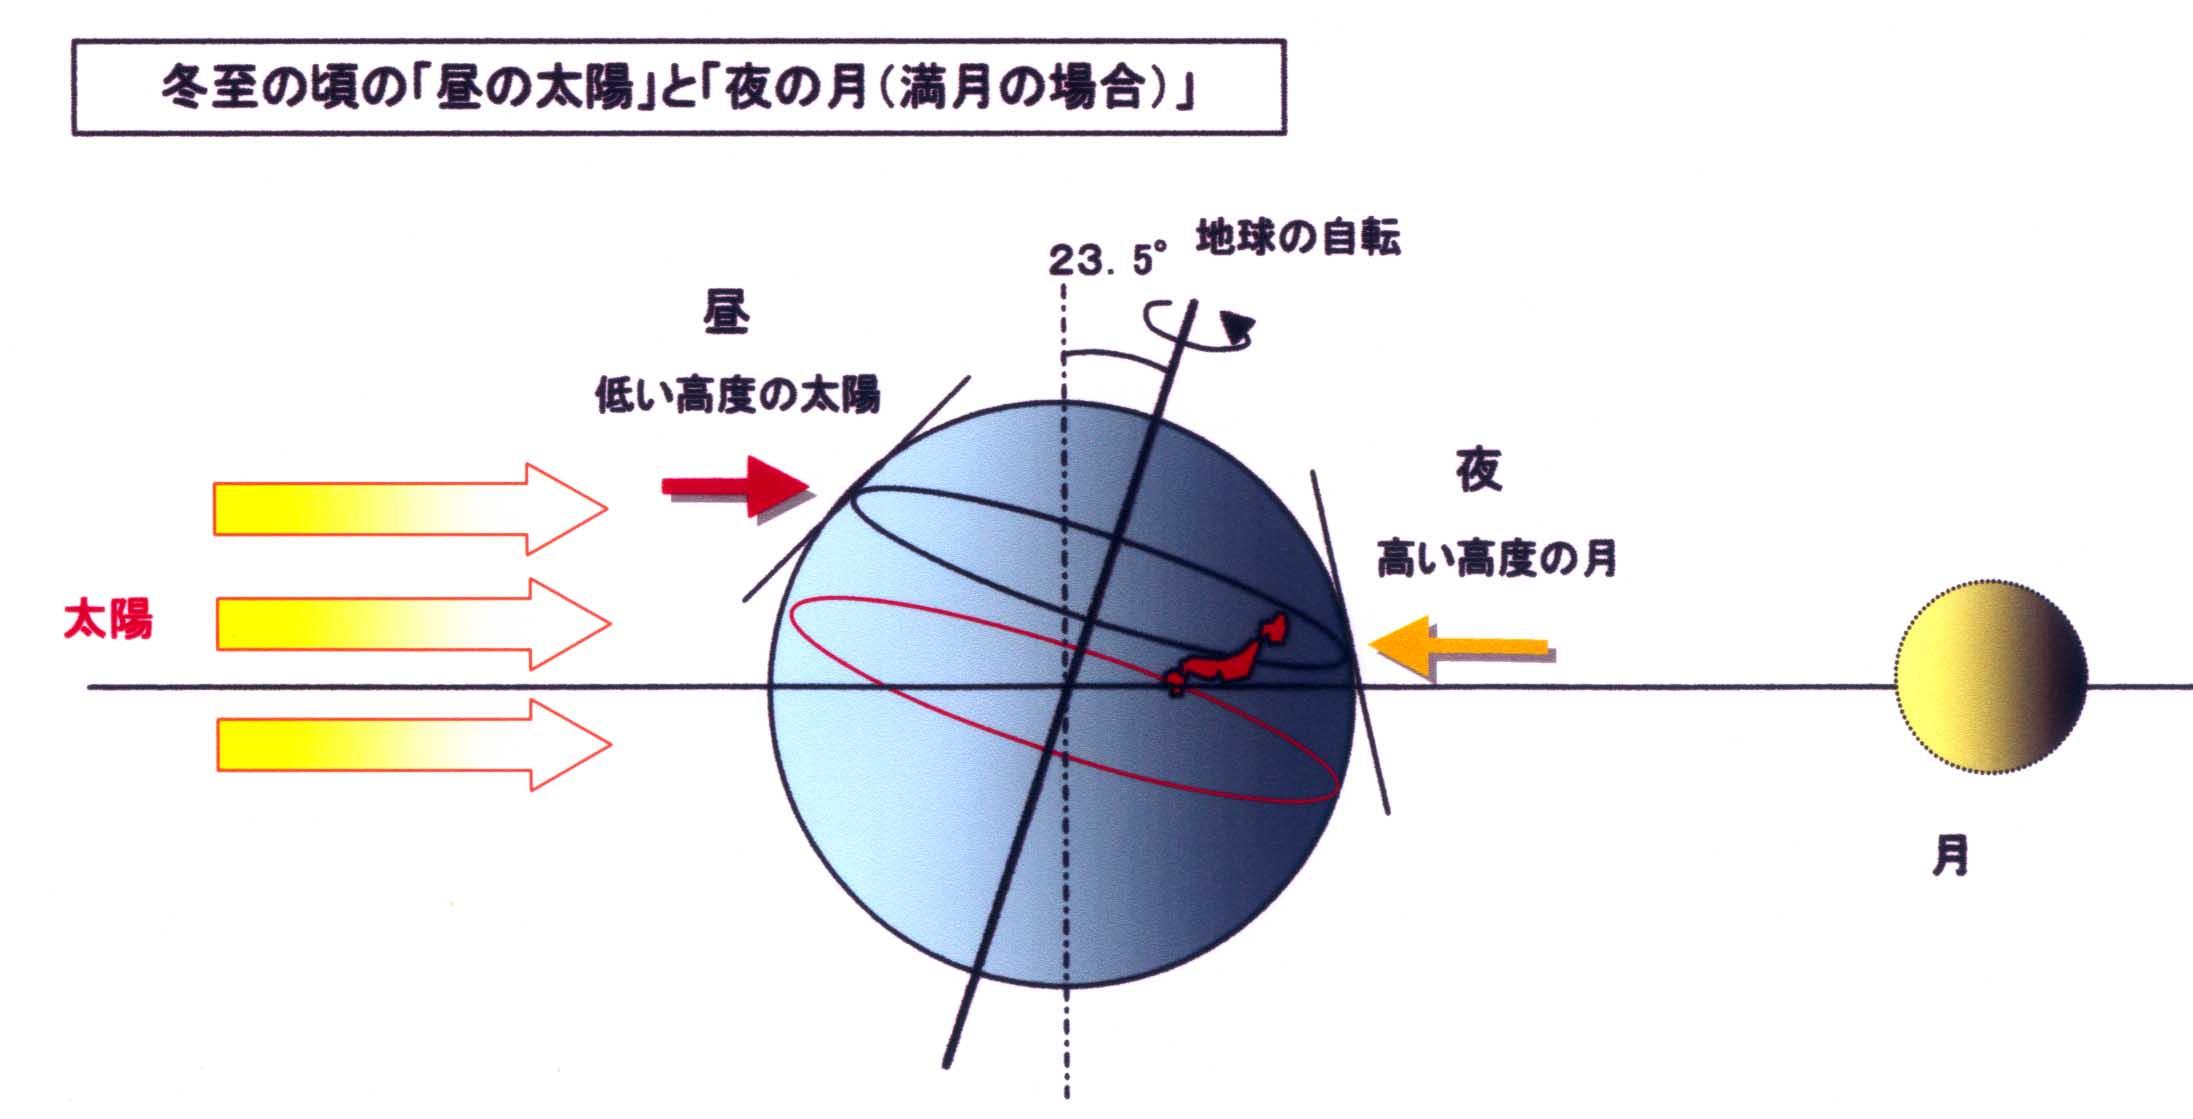 冬至の太陽と地球と月の関係(高度)